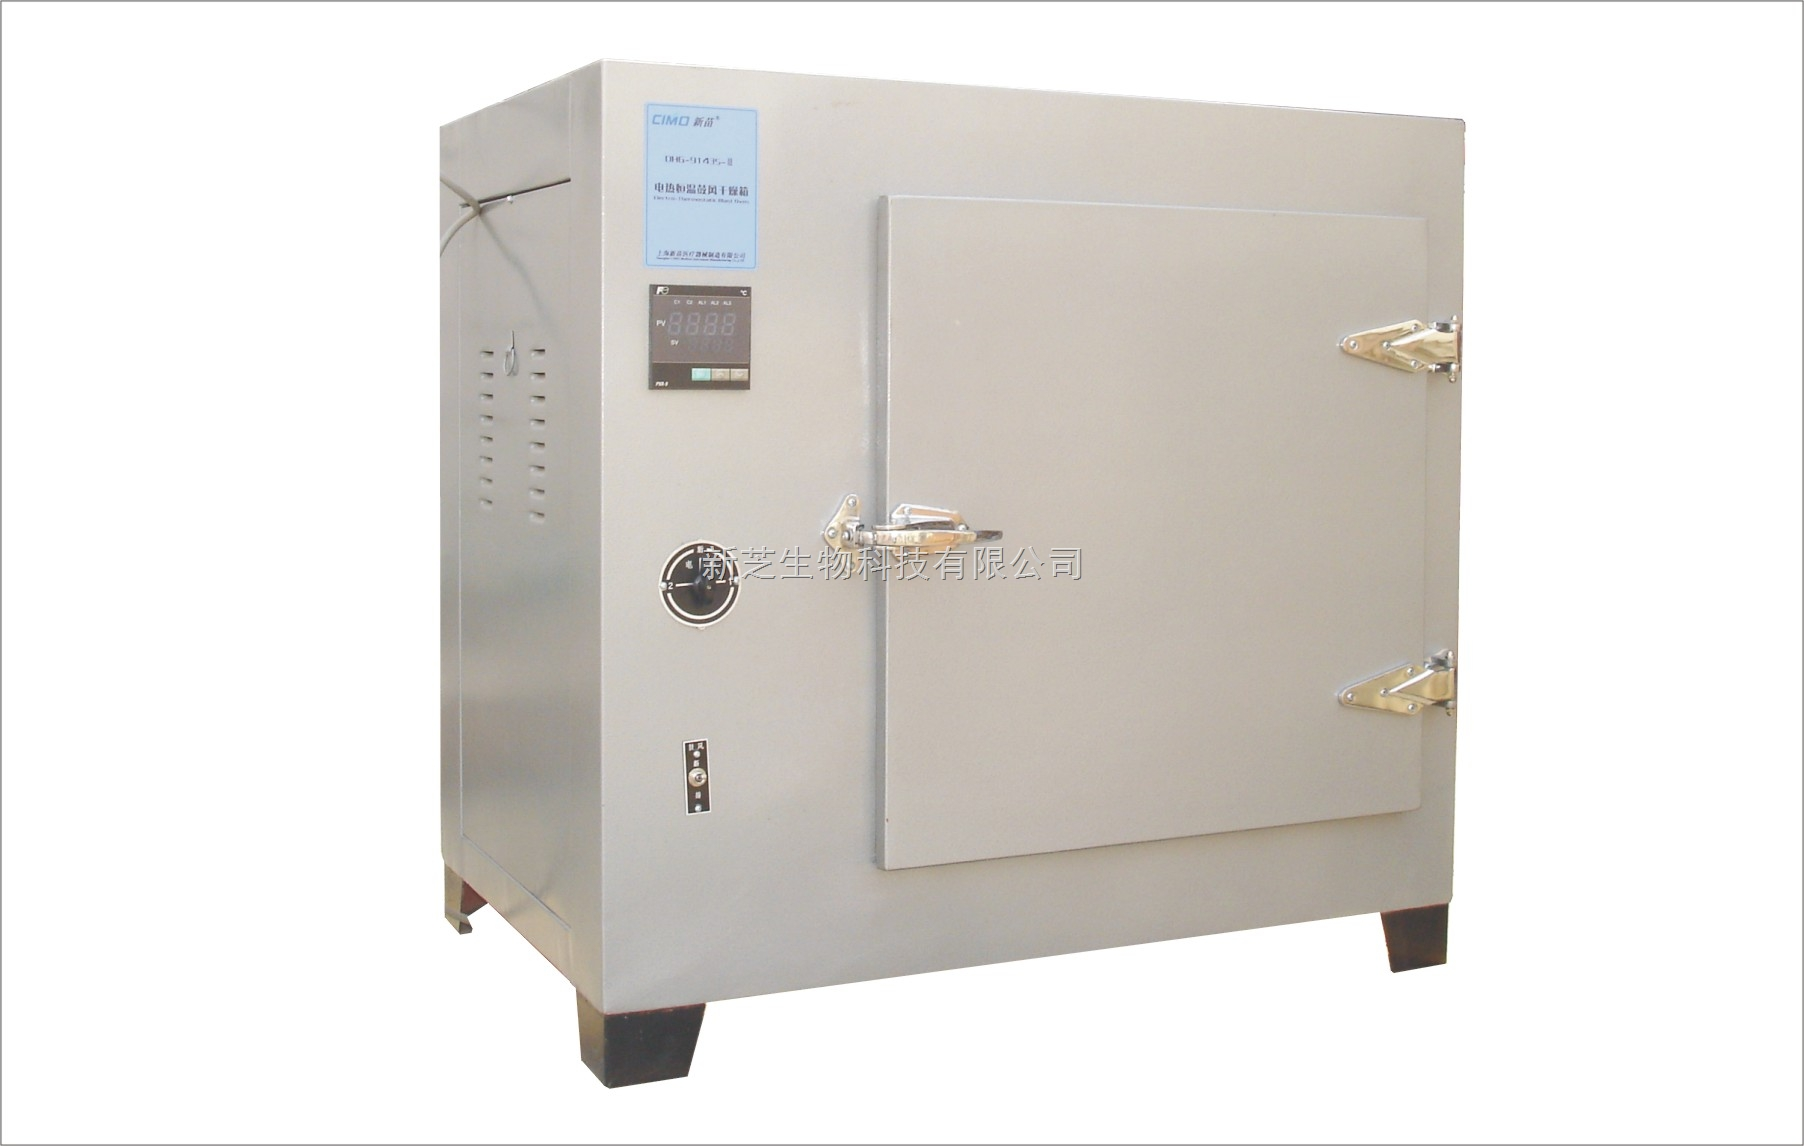 供应上海新苗产品DHG-9073BS-Ⅲ电热恒温鼓风干燥箱(500度)